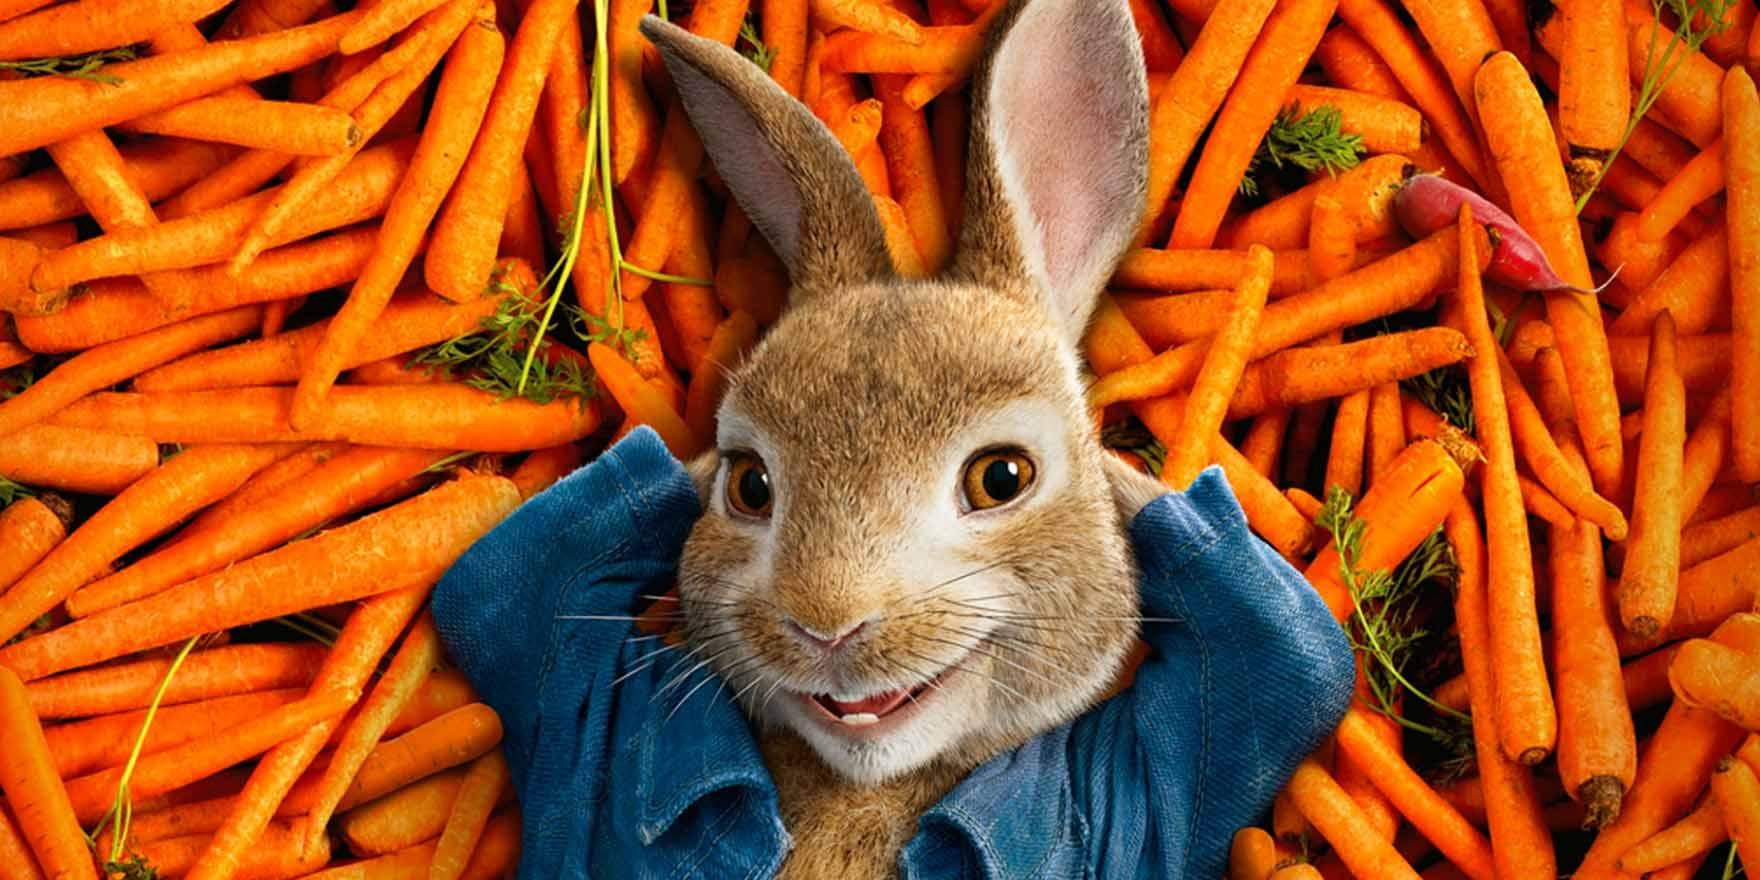 Peter Rabbit - Header Image